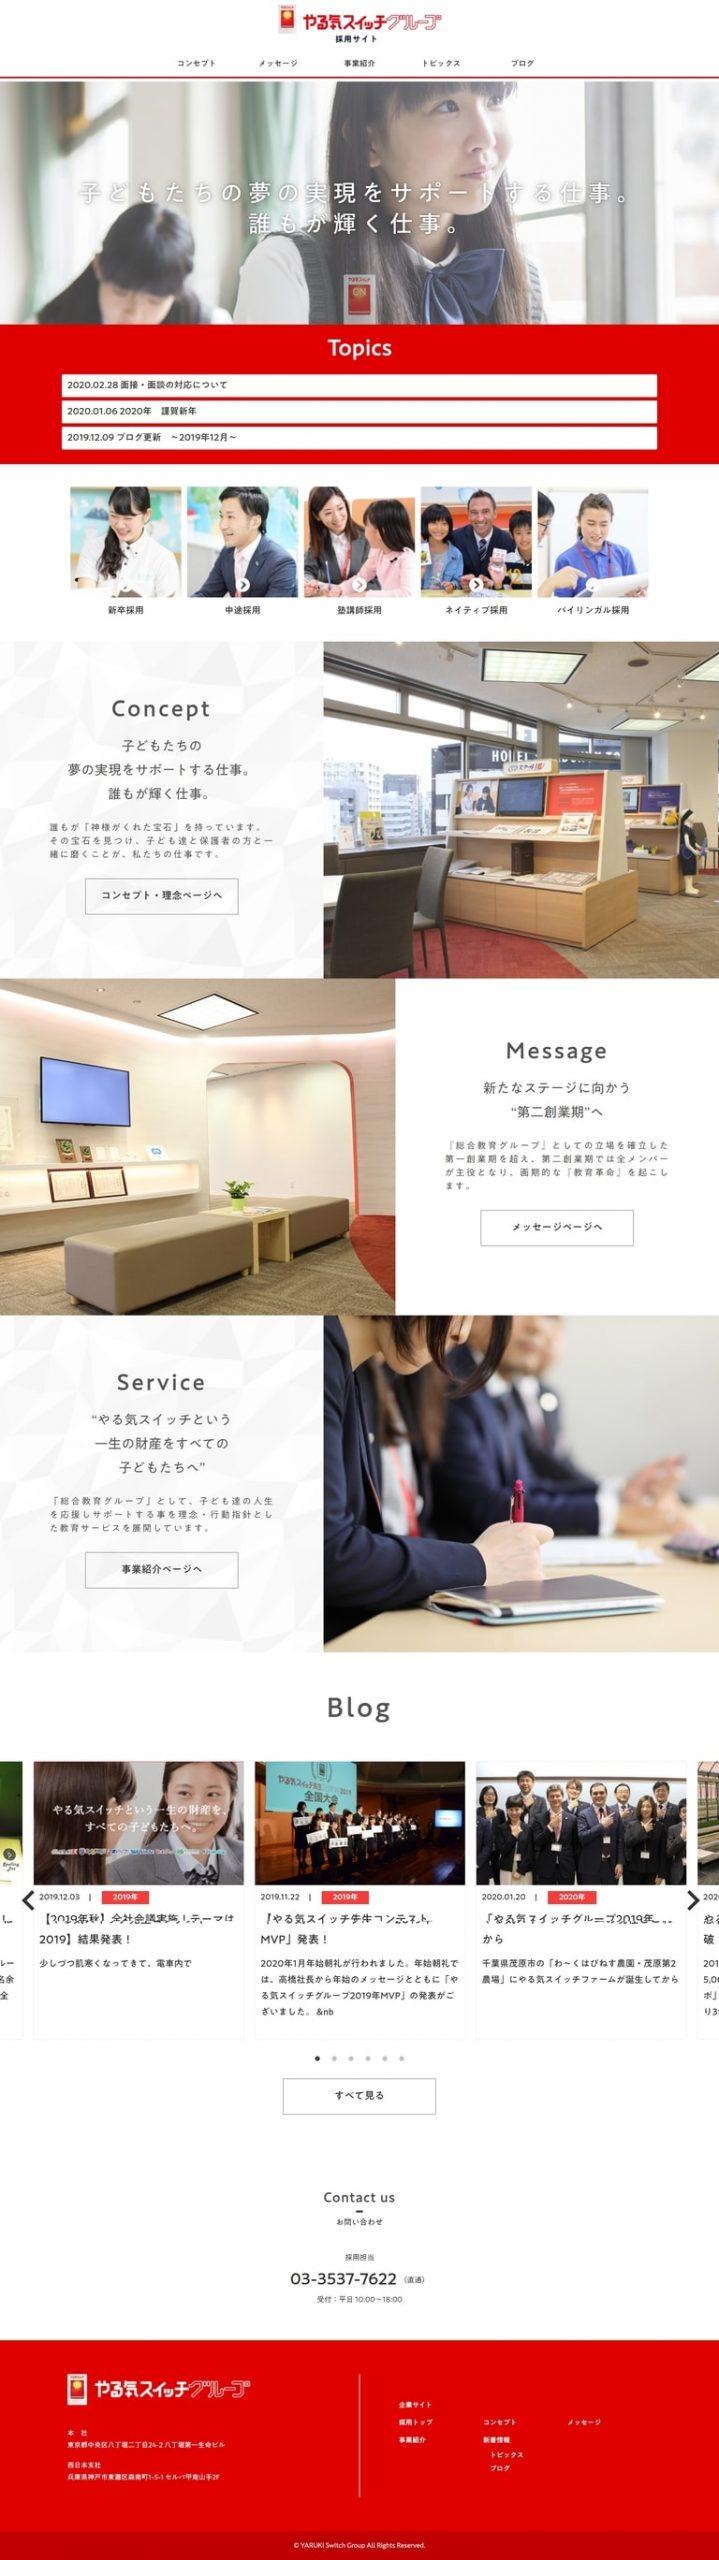 ㈱やる気スイッチグループ様 採用サイト